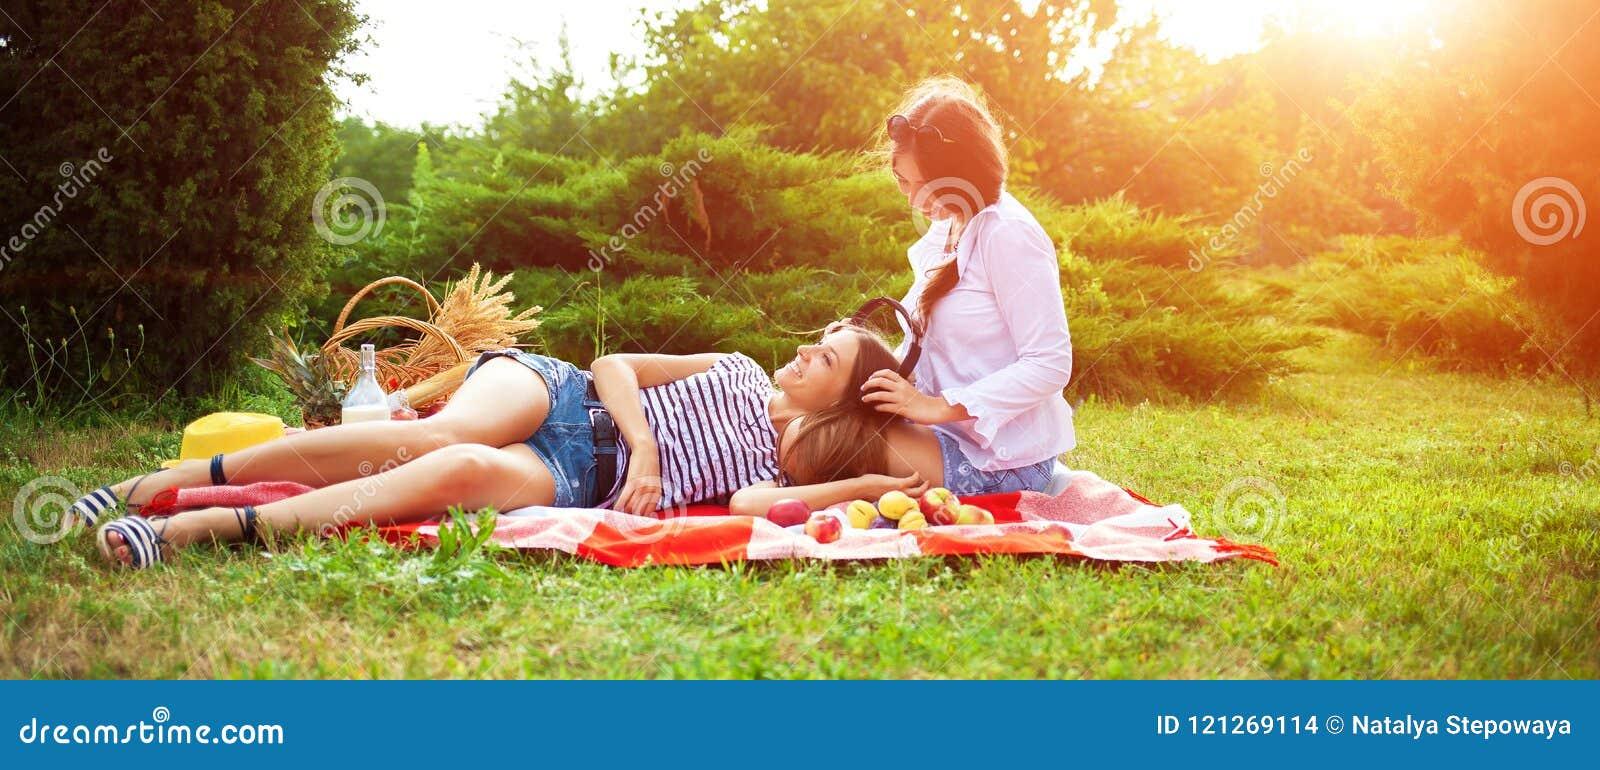 Самый огромный фото женщин на пикнике ноги порно